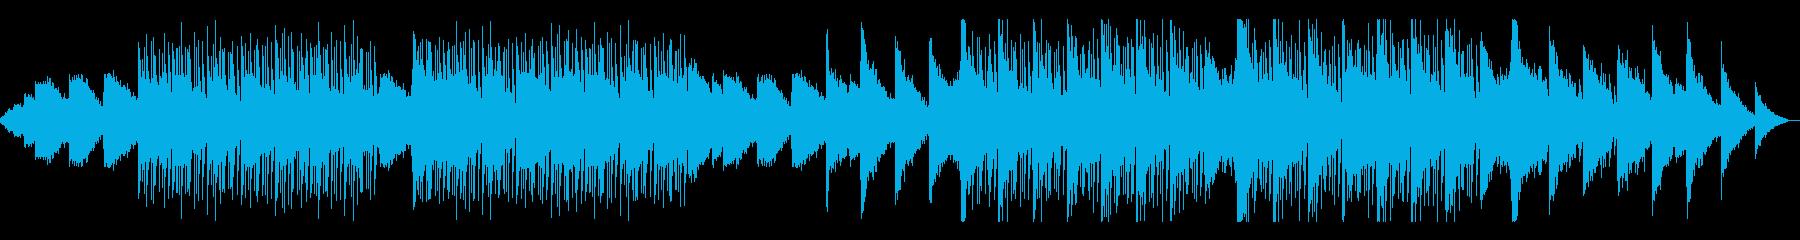 リラックスして聴けるLo-Fi、ジャズ風の再生済みの波形